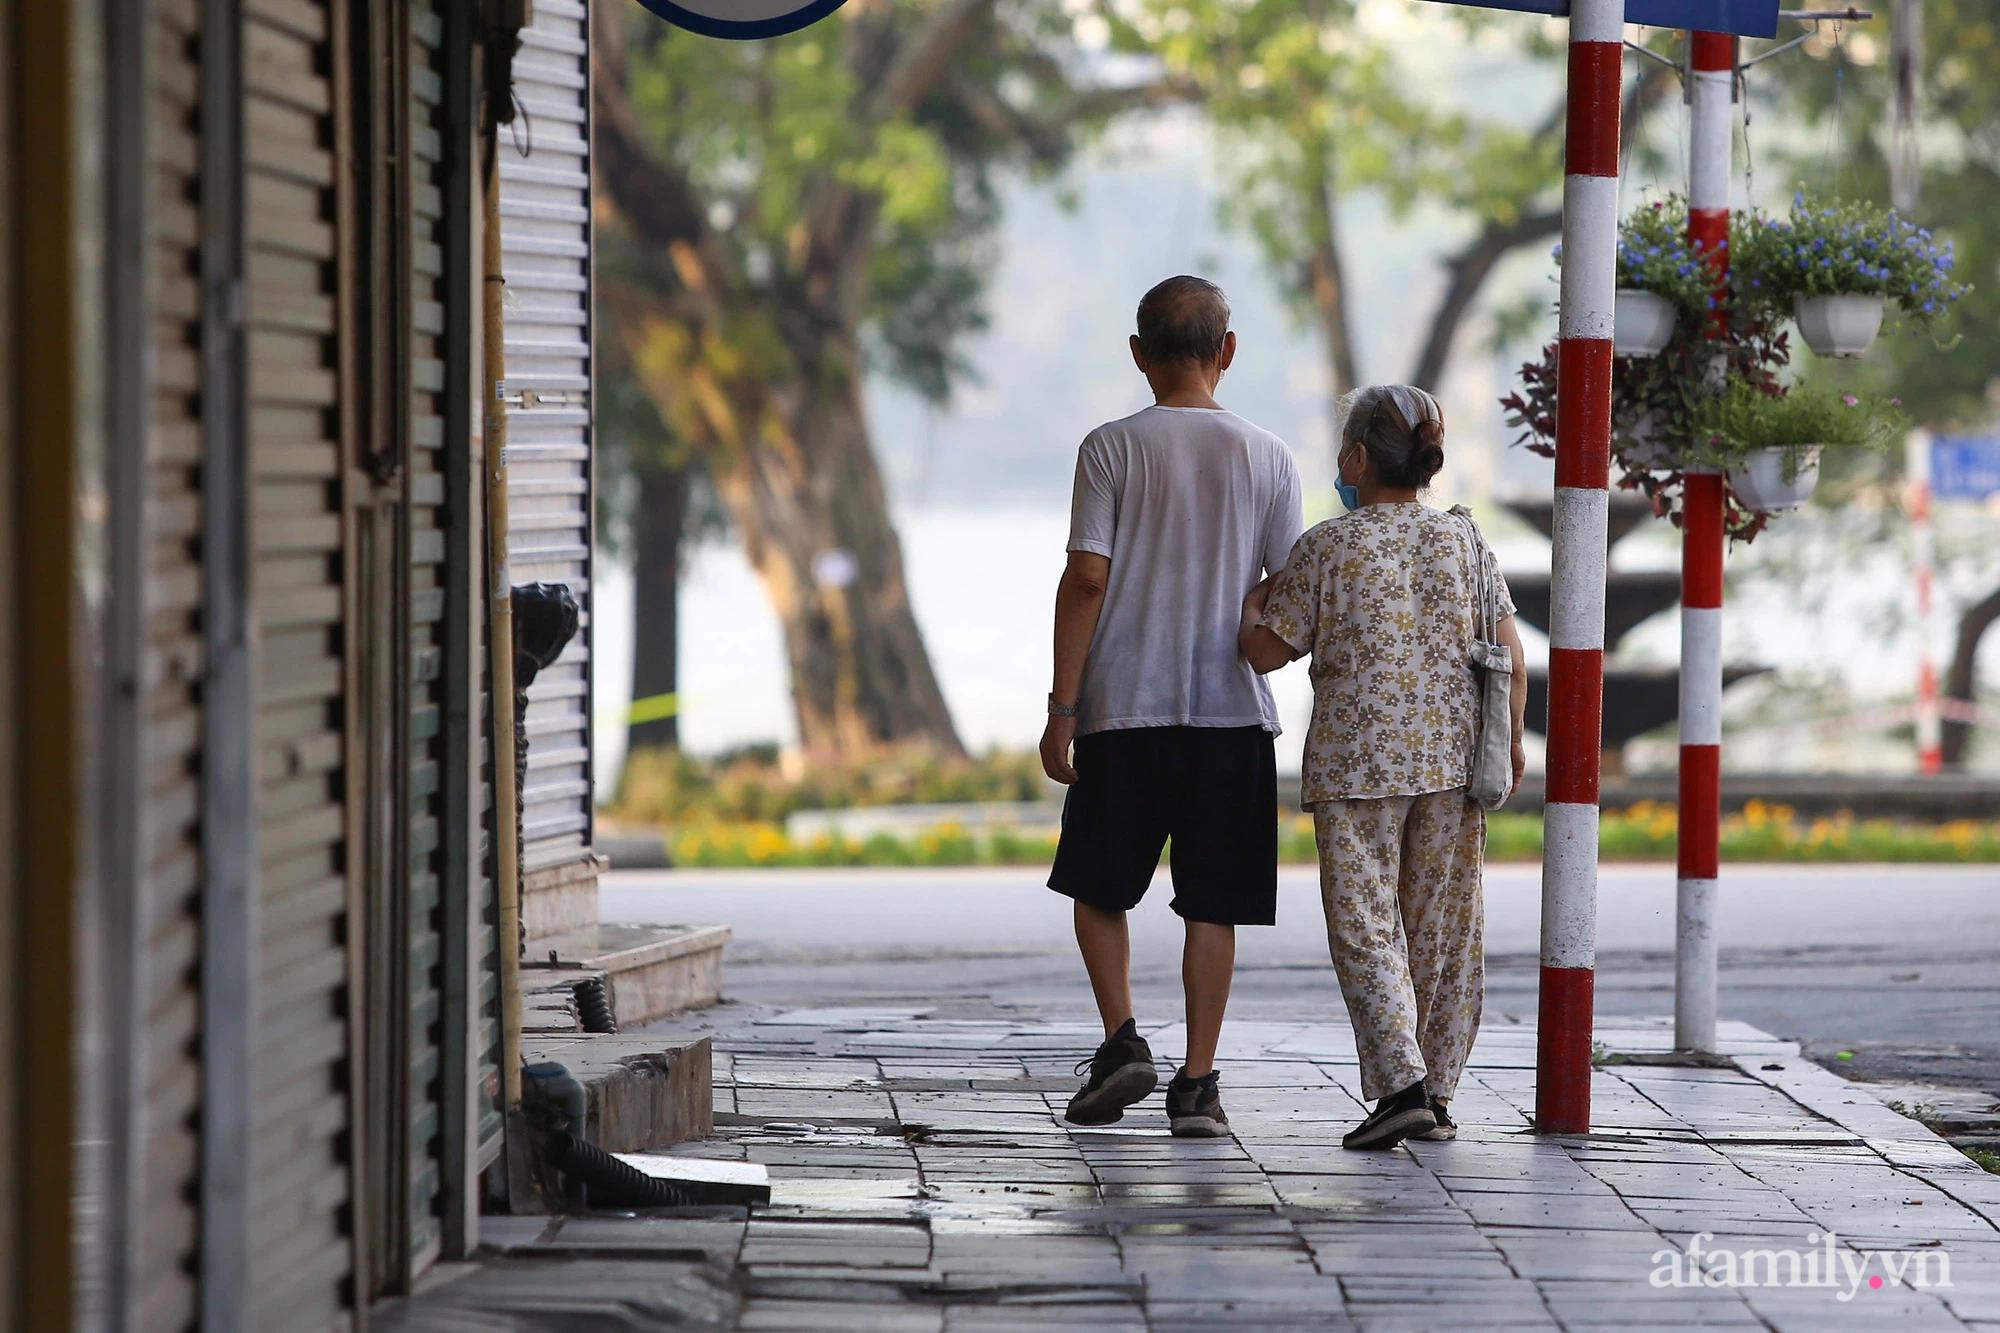 Buổi sáng đầu tiên cách ly toàn xã hội, đường phố Hà Nội vắng vẻ, người dân chỉ tập trung đông tại một số khu chợ để mua đồ ăn uống, sinh hoạt cho những ngày sắp tới - Ảnh 7.